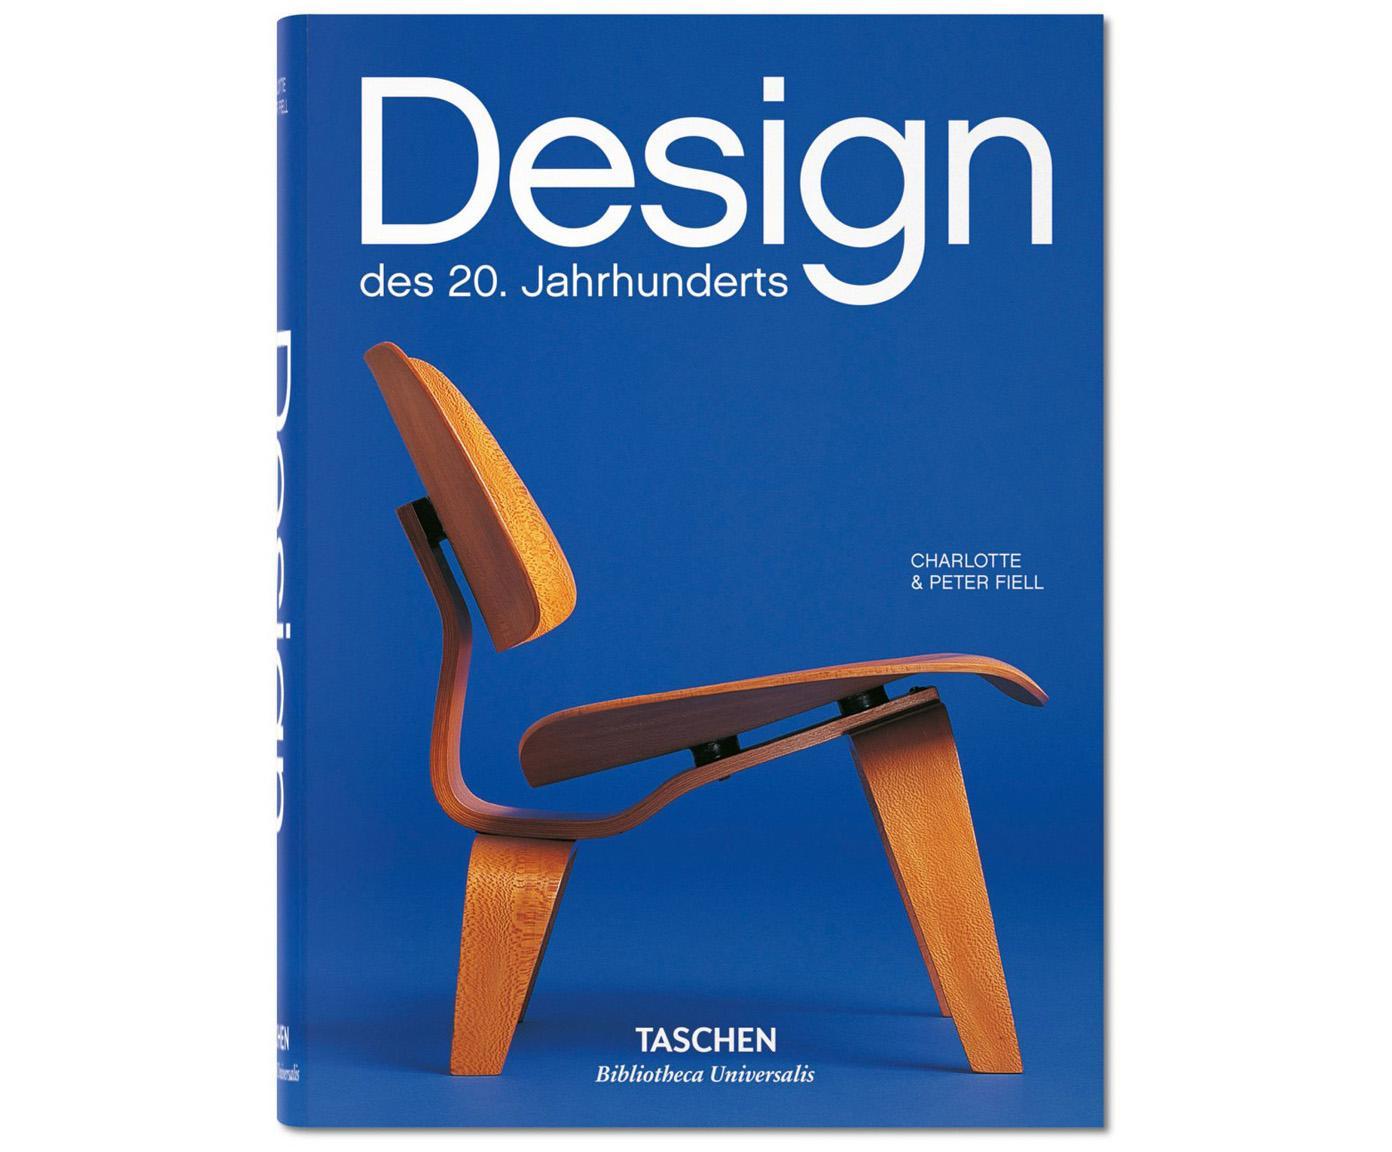 Buch Design des 20. Jahrhunderts, Papier, Hardcover, Blau, Weiss, Braun, 15 x 20 cm